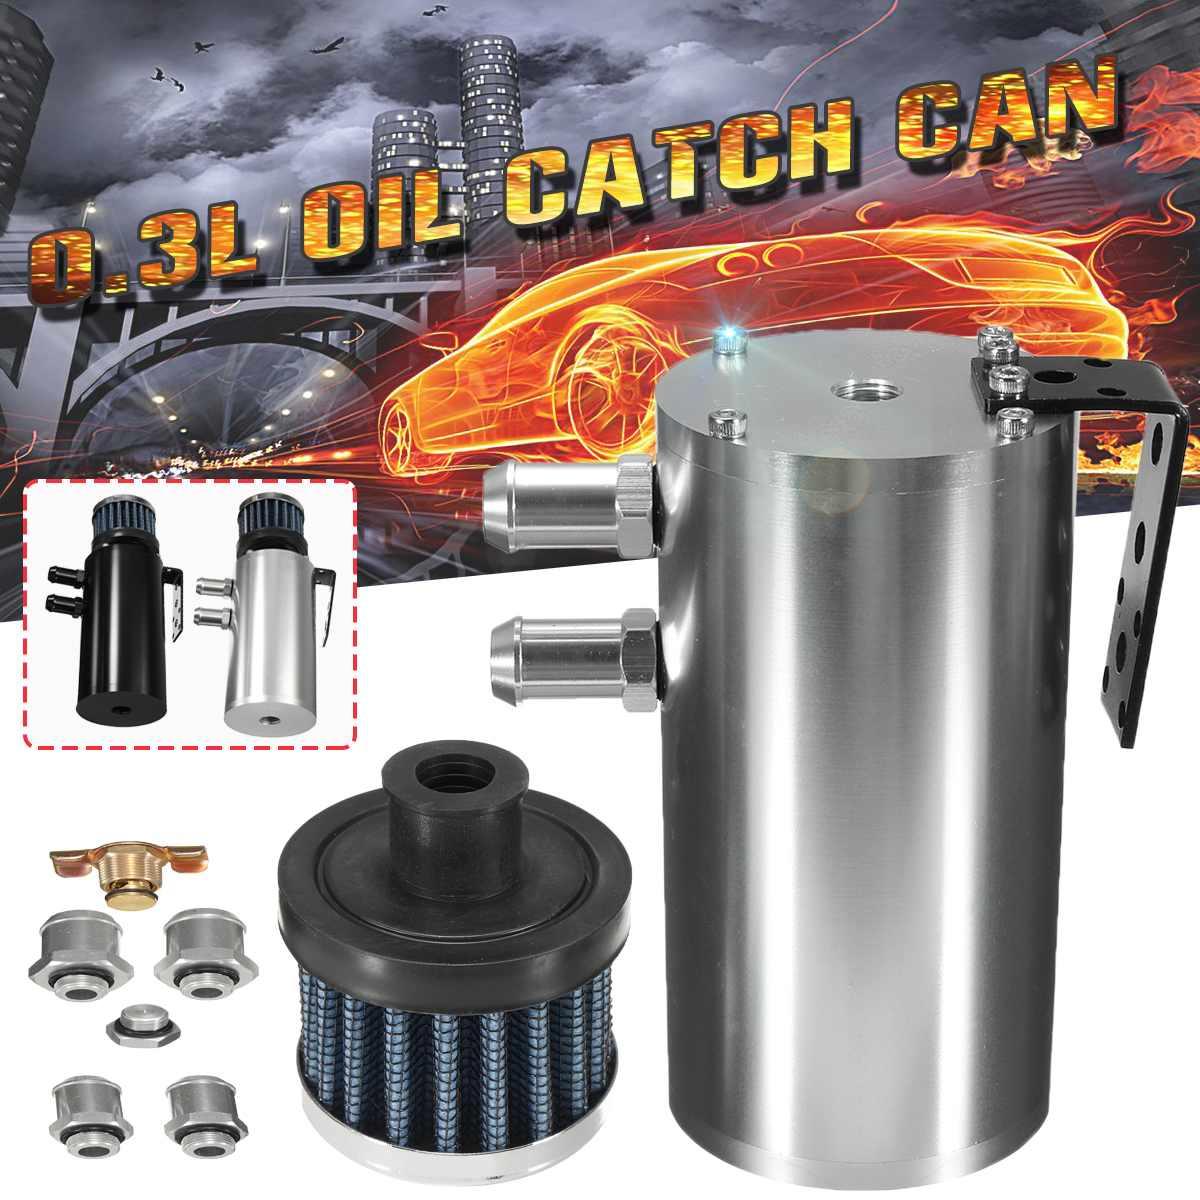 La prise d'huile en aluminium universelle de 0.3L peut réservoir de réservoir/réservoir d'huile avec des accessoires automatiques de filtre